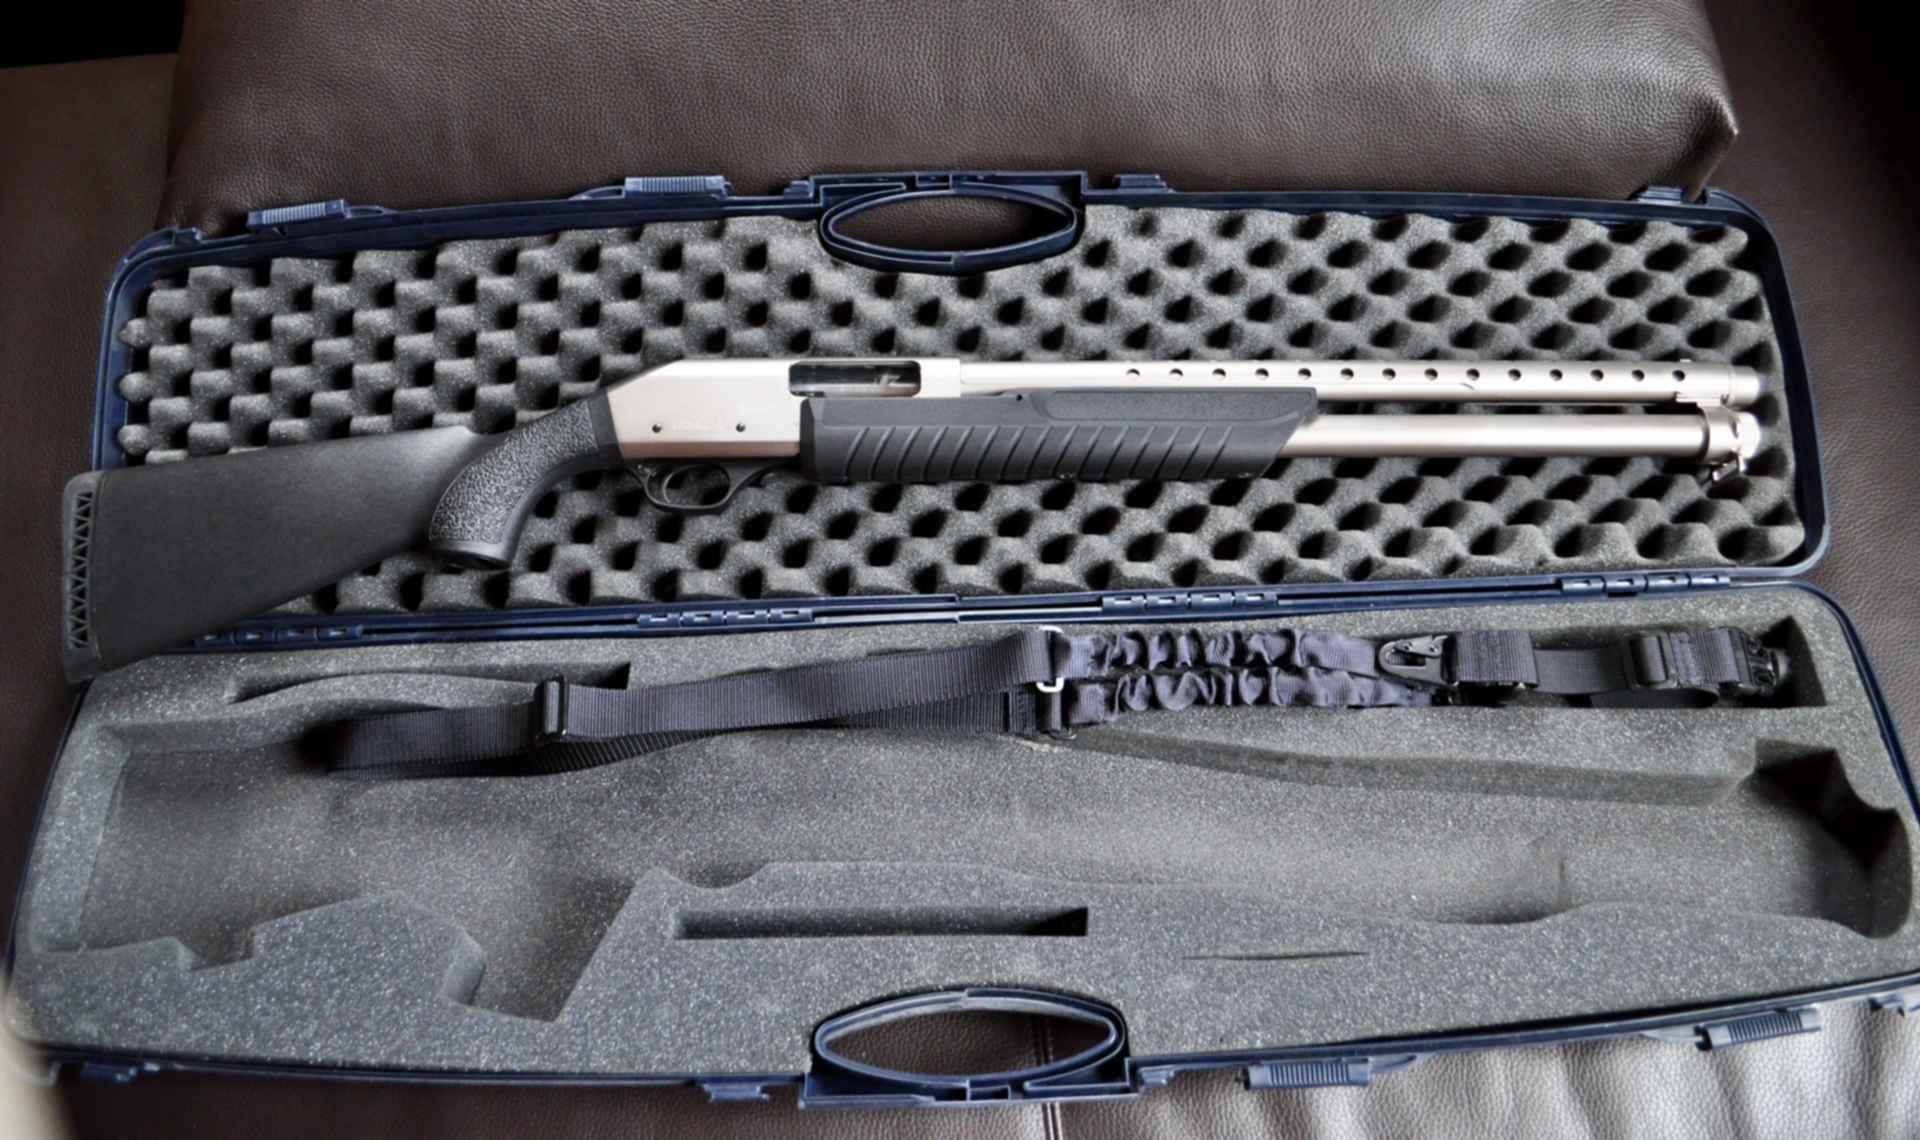 Помповое ружье fabarm sdass composite, tactical, 12 pro forces, telescopic, trainer, обзор обвеса и тюнинга, длина и вес, отзывы владельцев